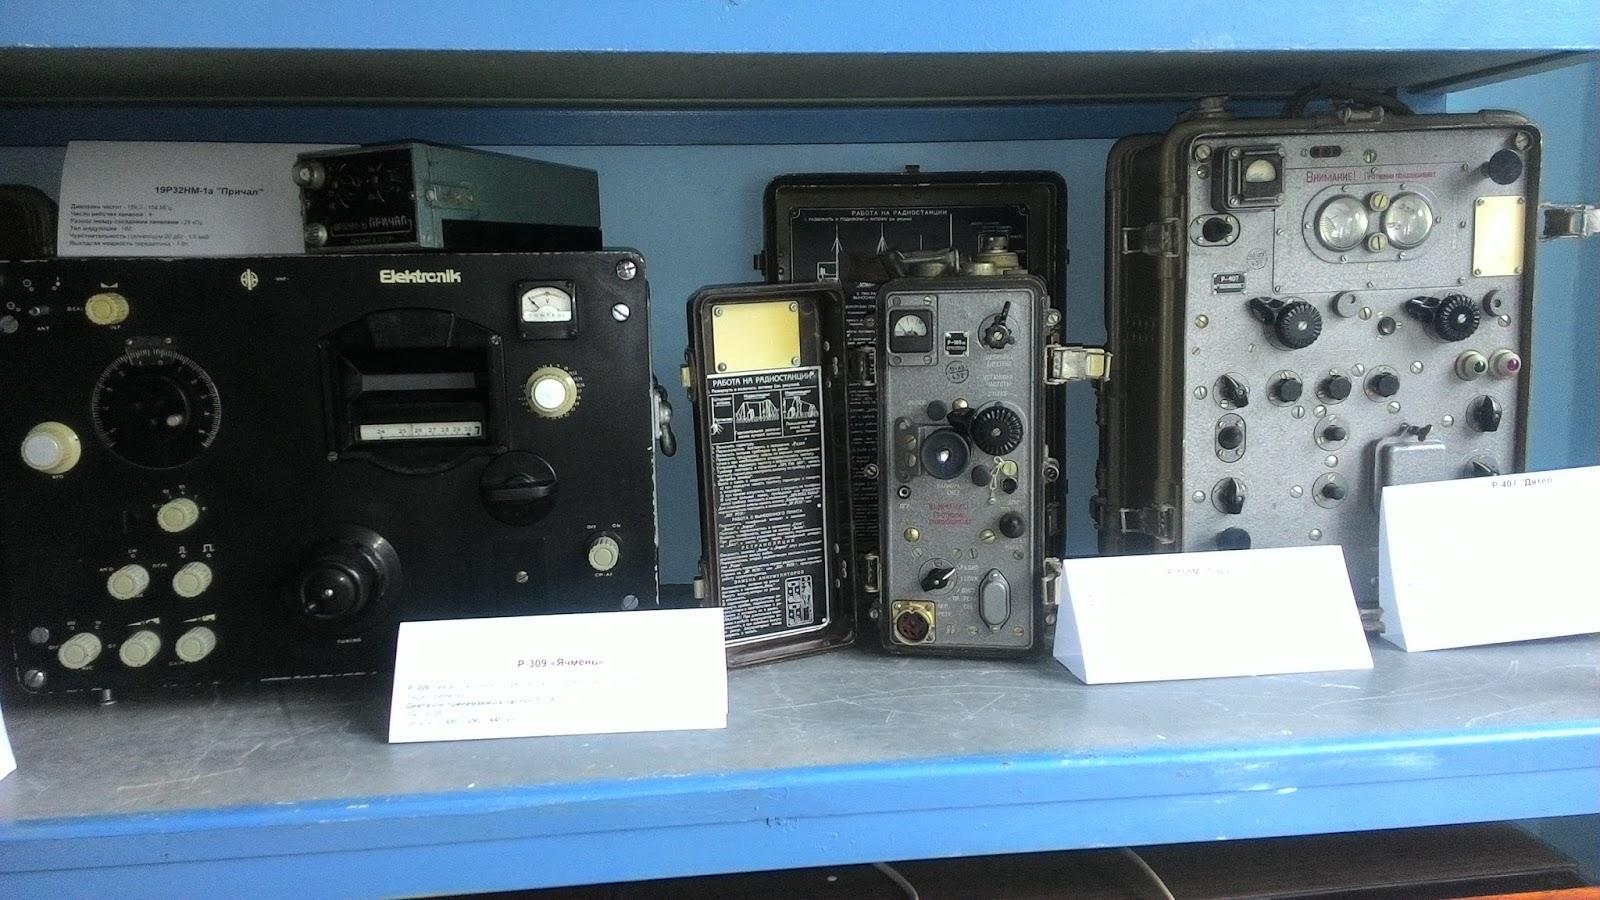 узнать, как радиостанция причал фото прибора становится